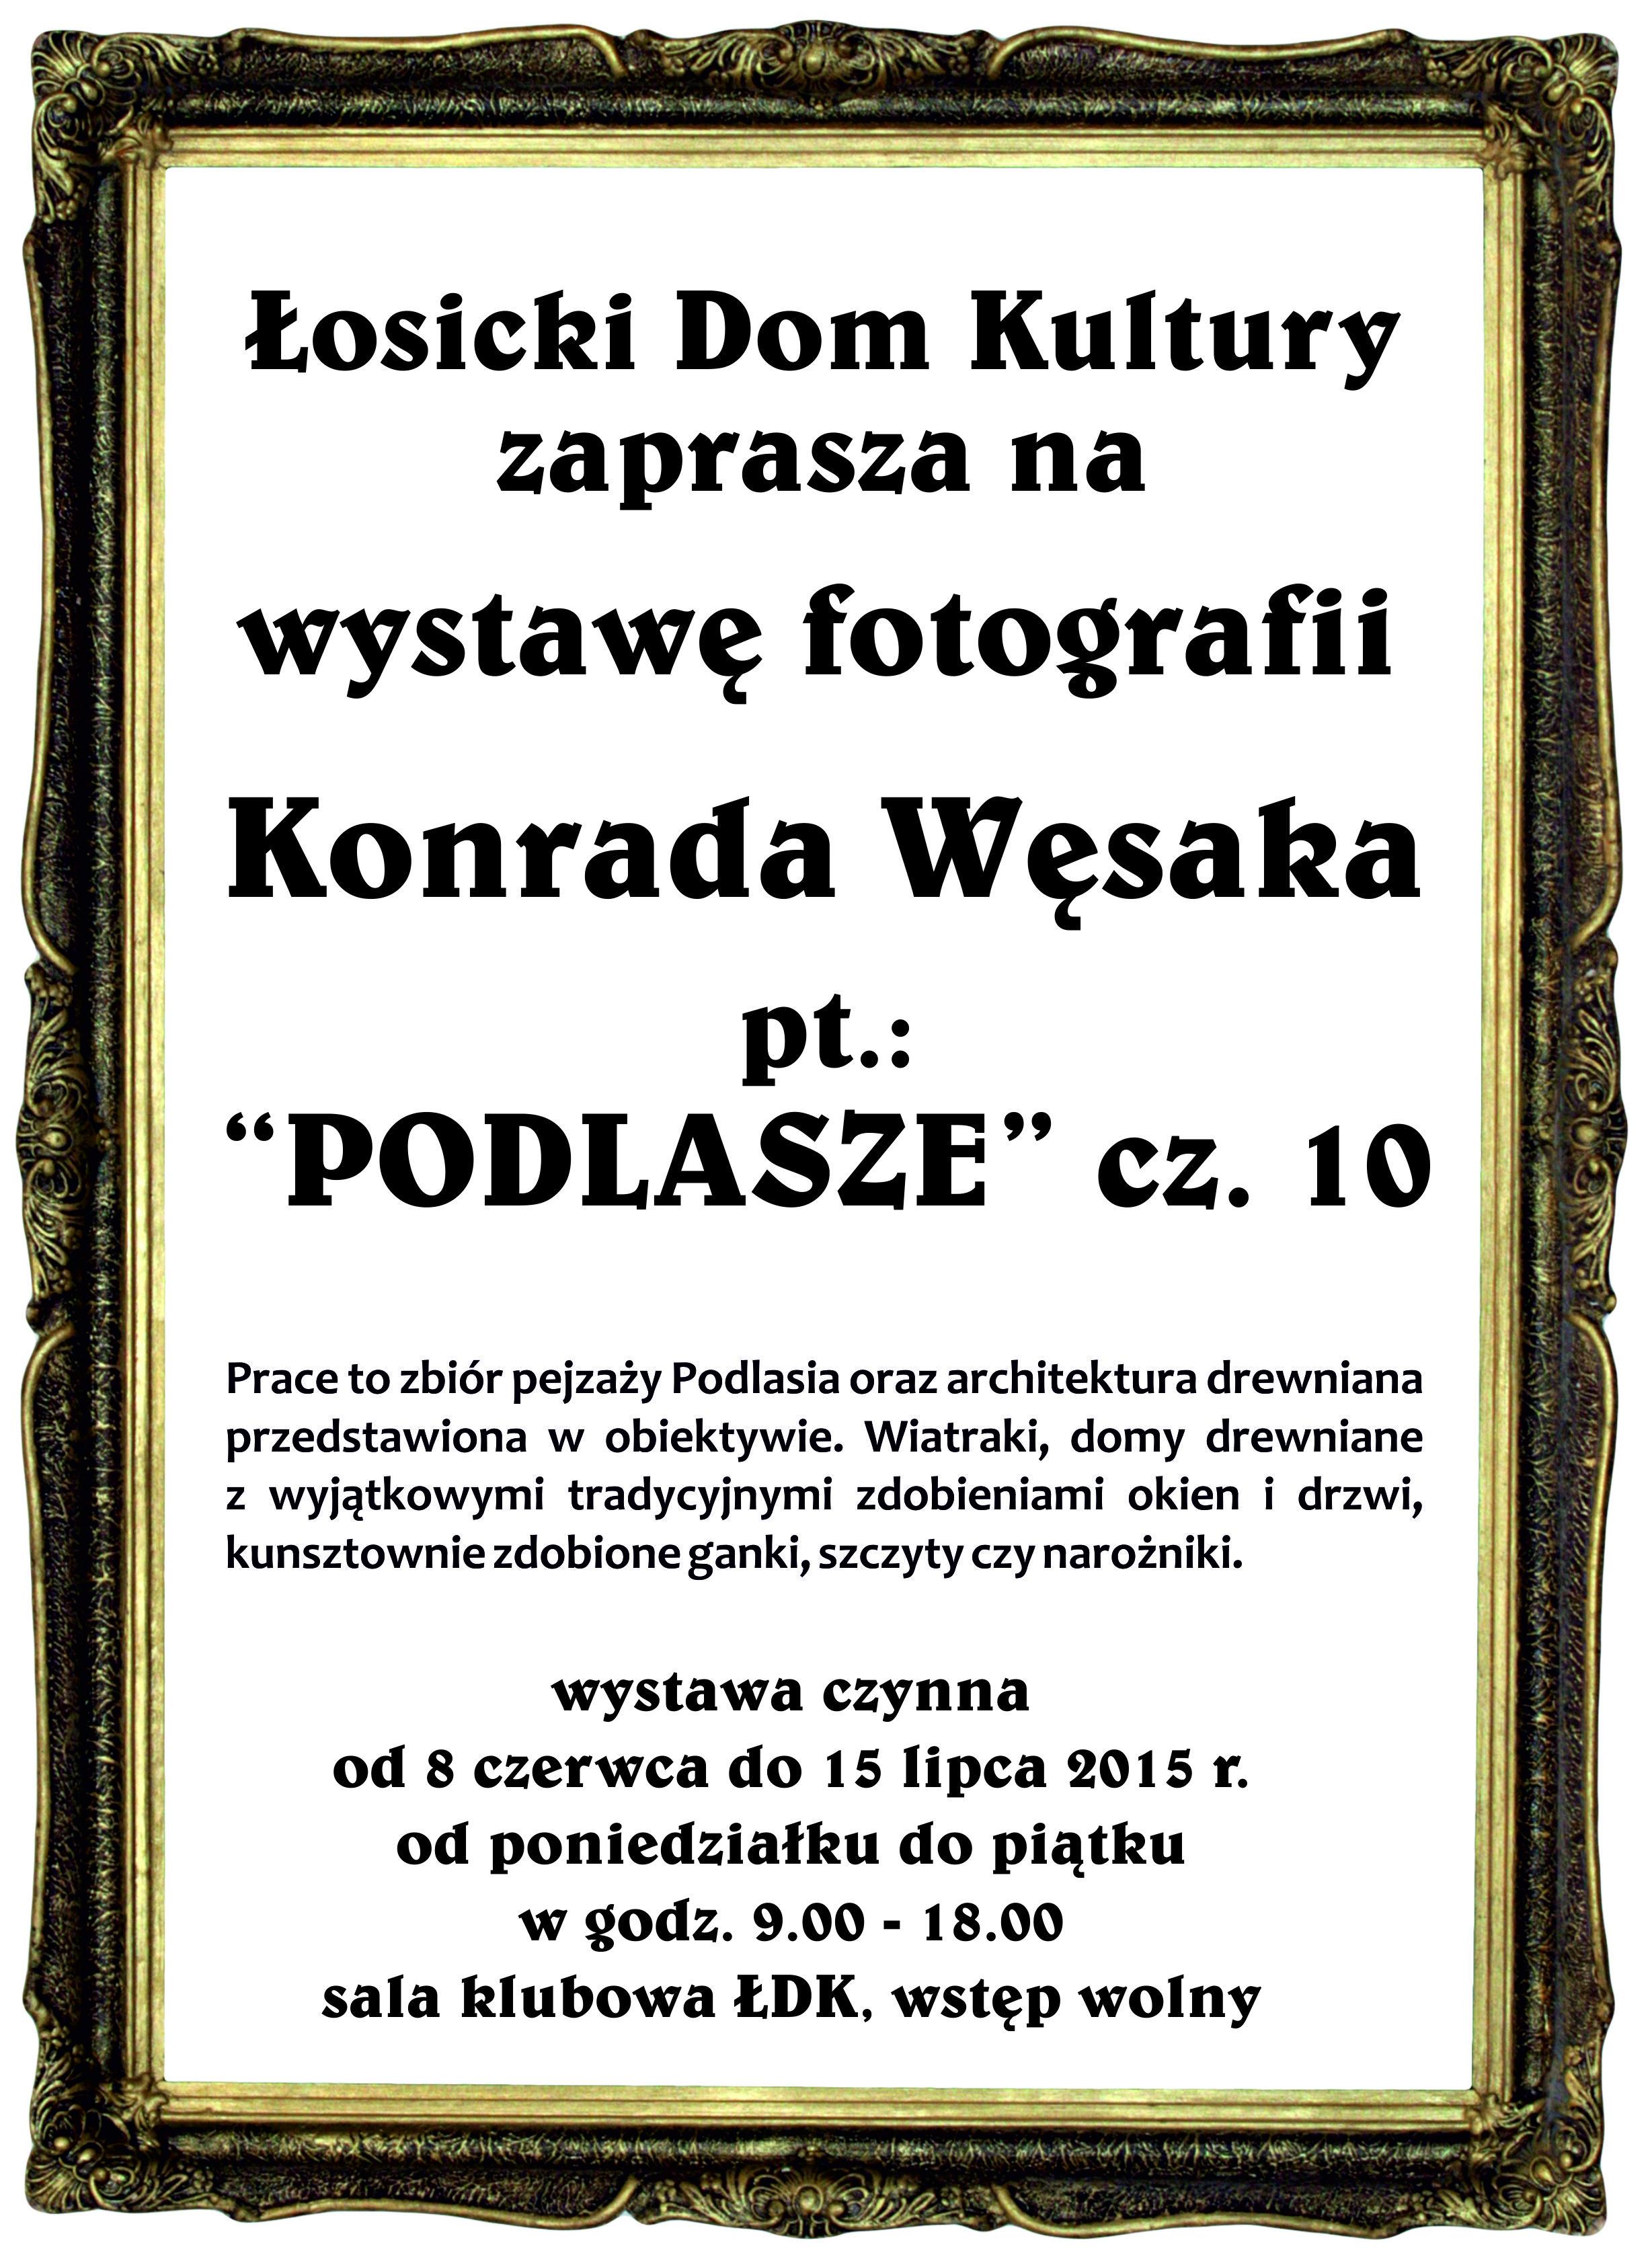 plakat_wystawa_foto_2015